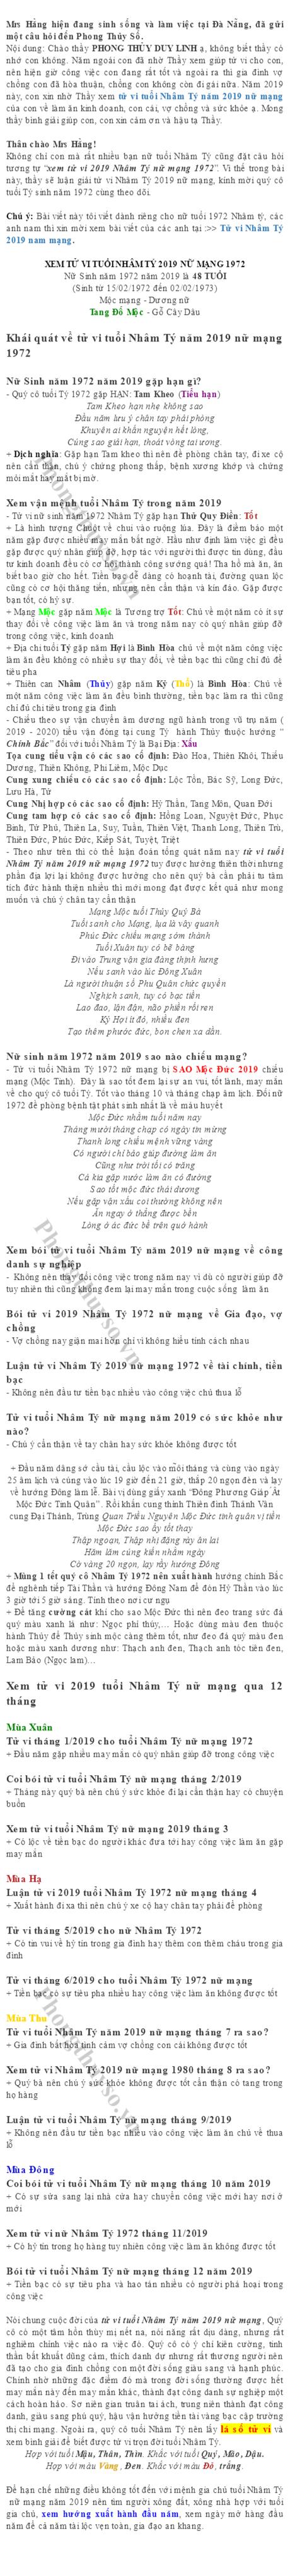 tu-vi-tuoi-nham-ty-nam-2019-nu-mang